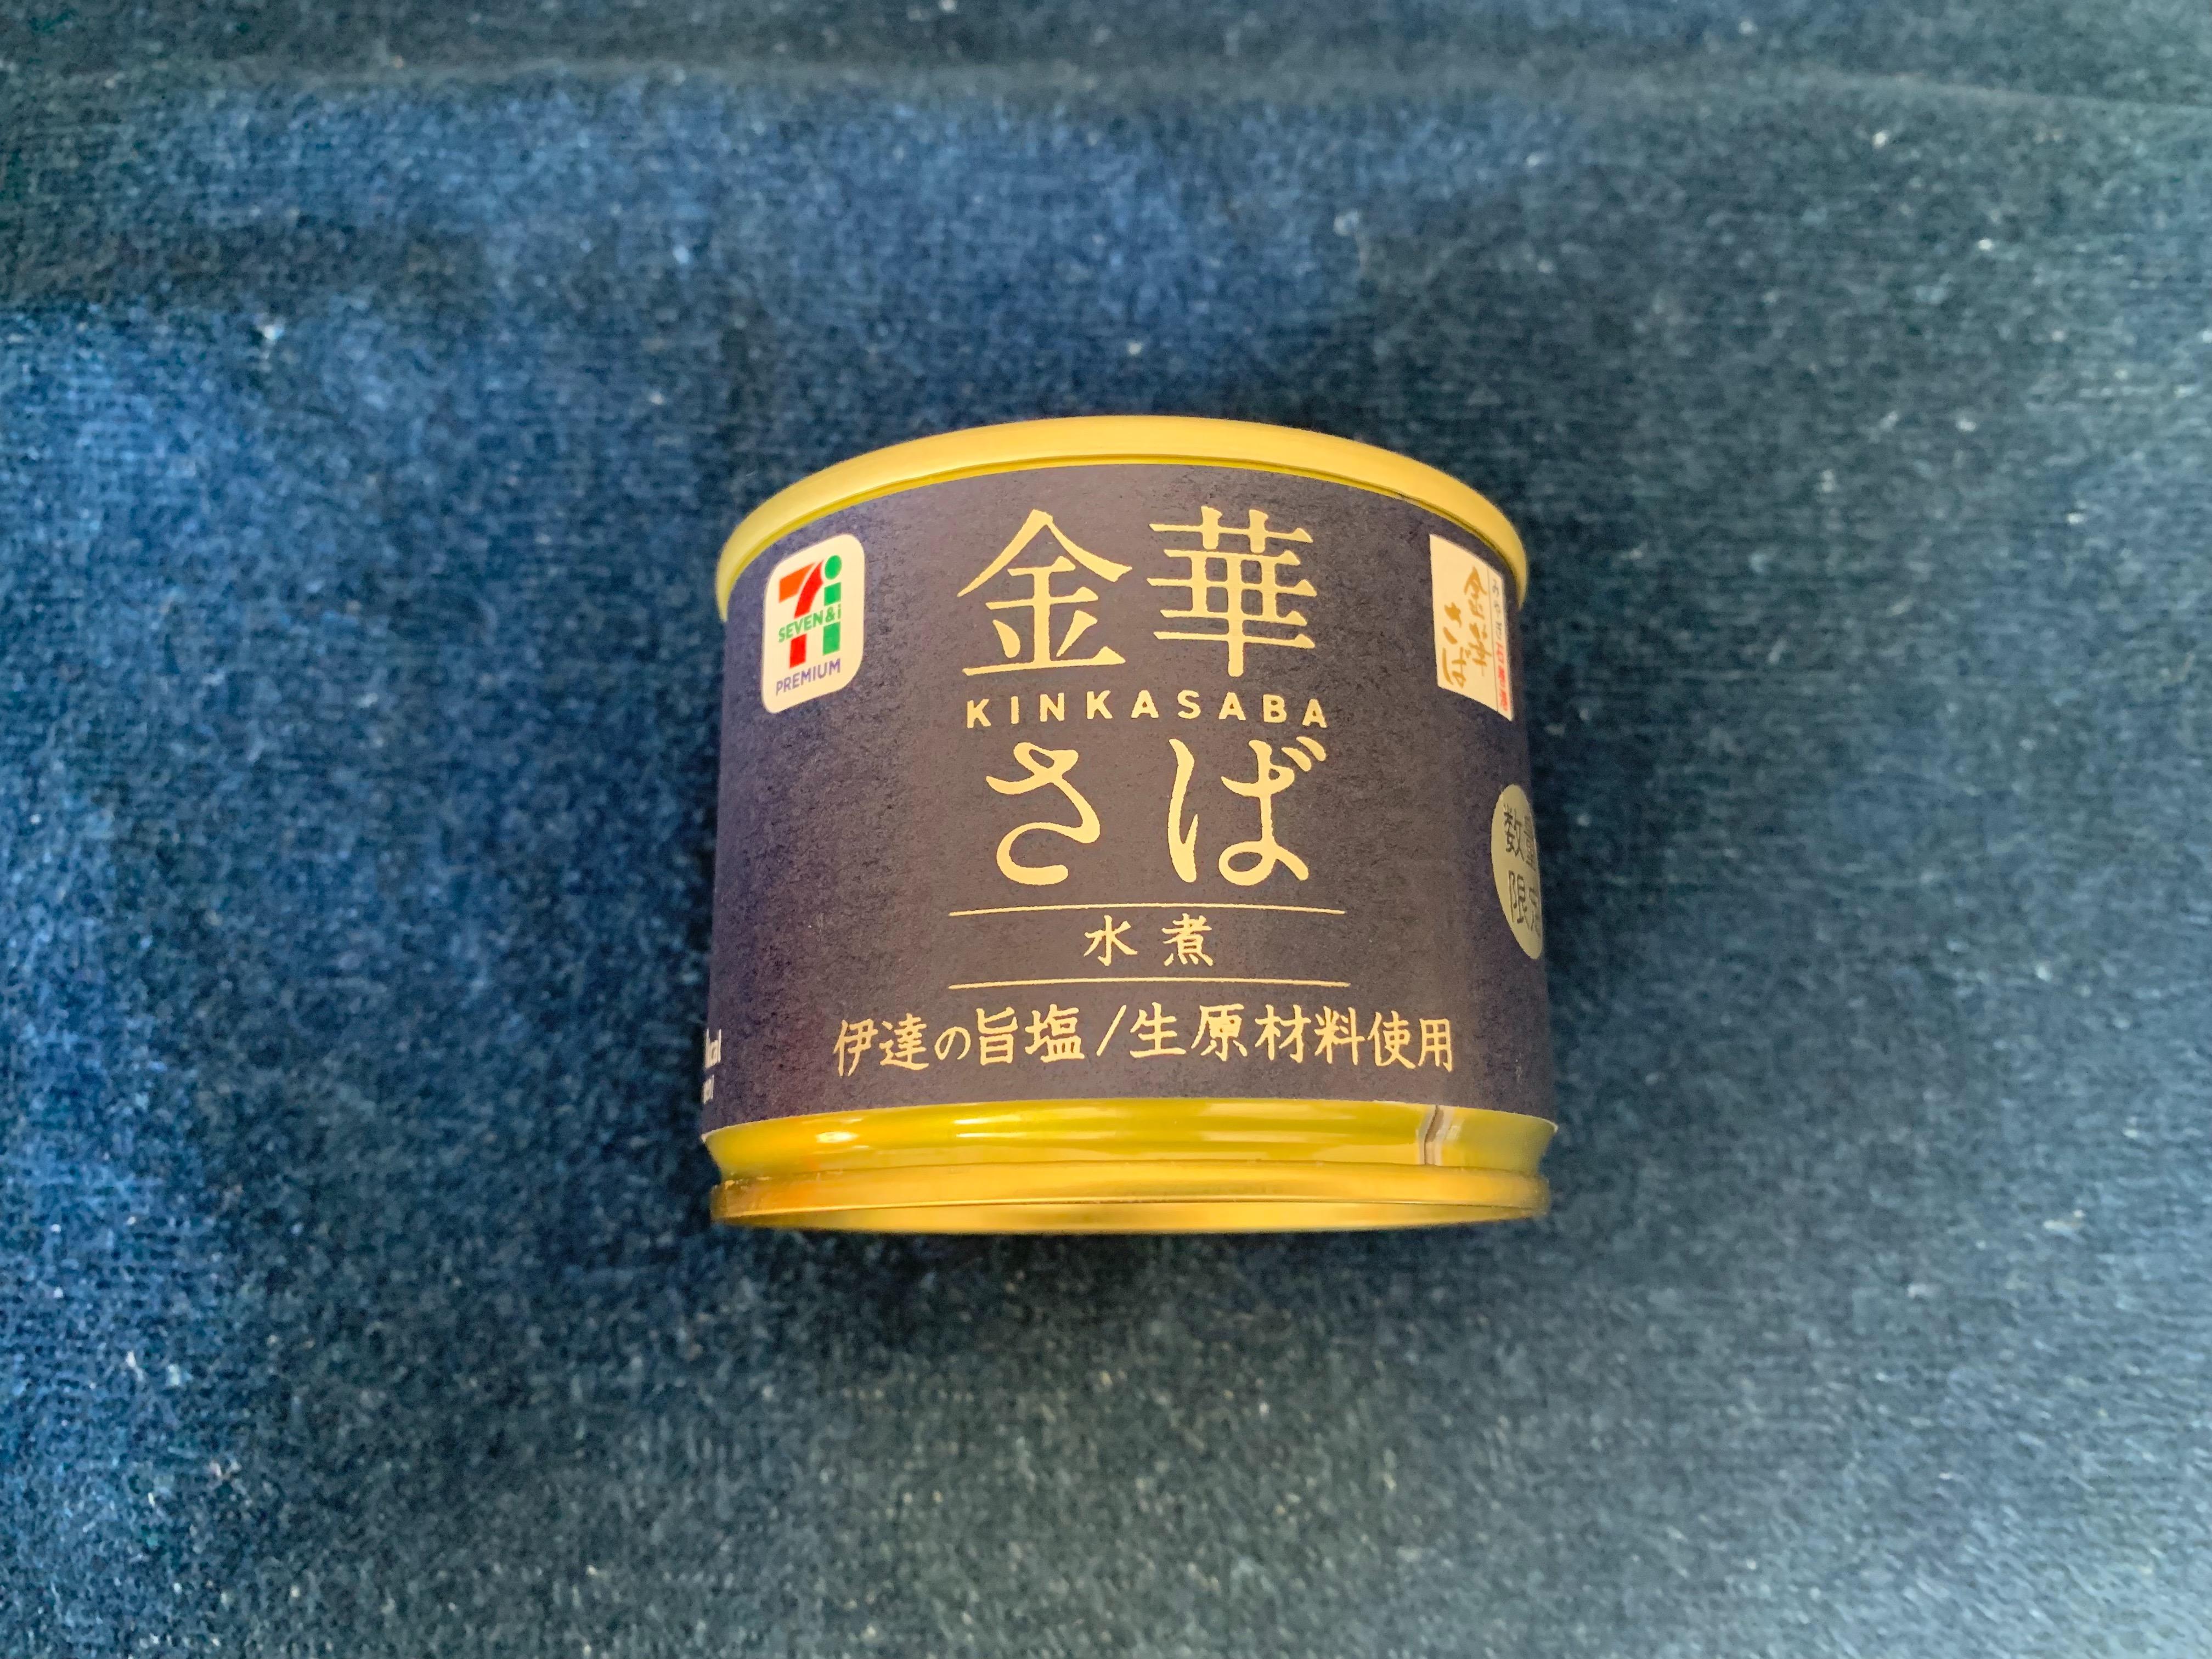 セブンイレブンの極上鯖缶「金華さば 水煮」を食レポしてみた。【5つ星評価、味】